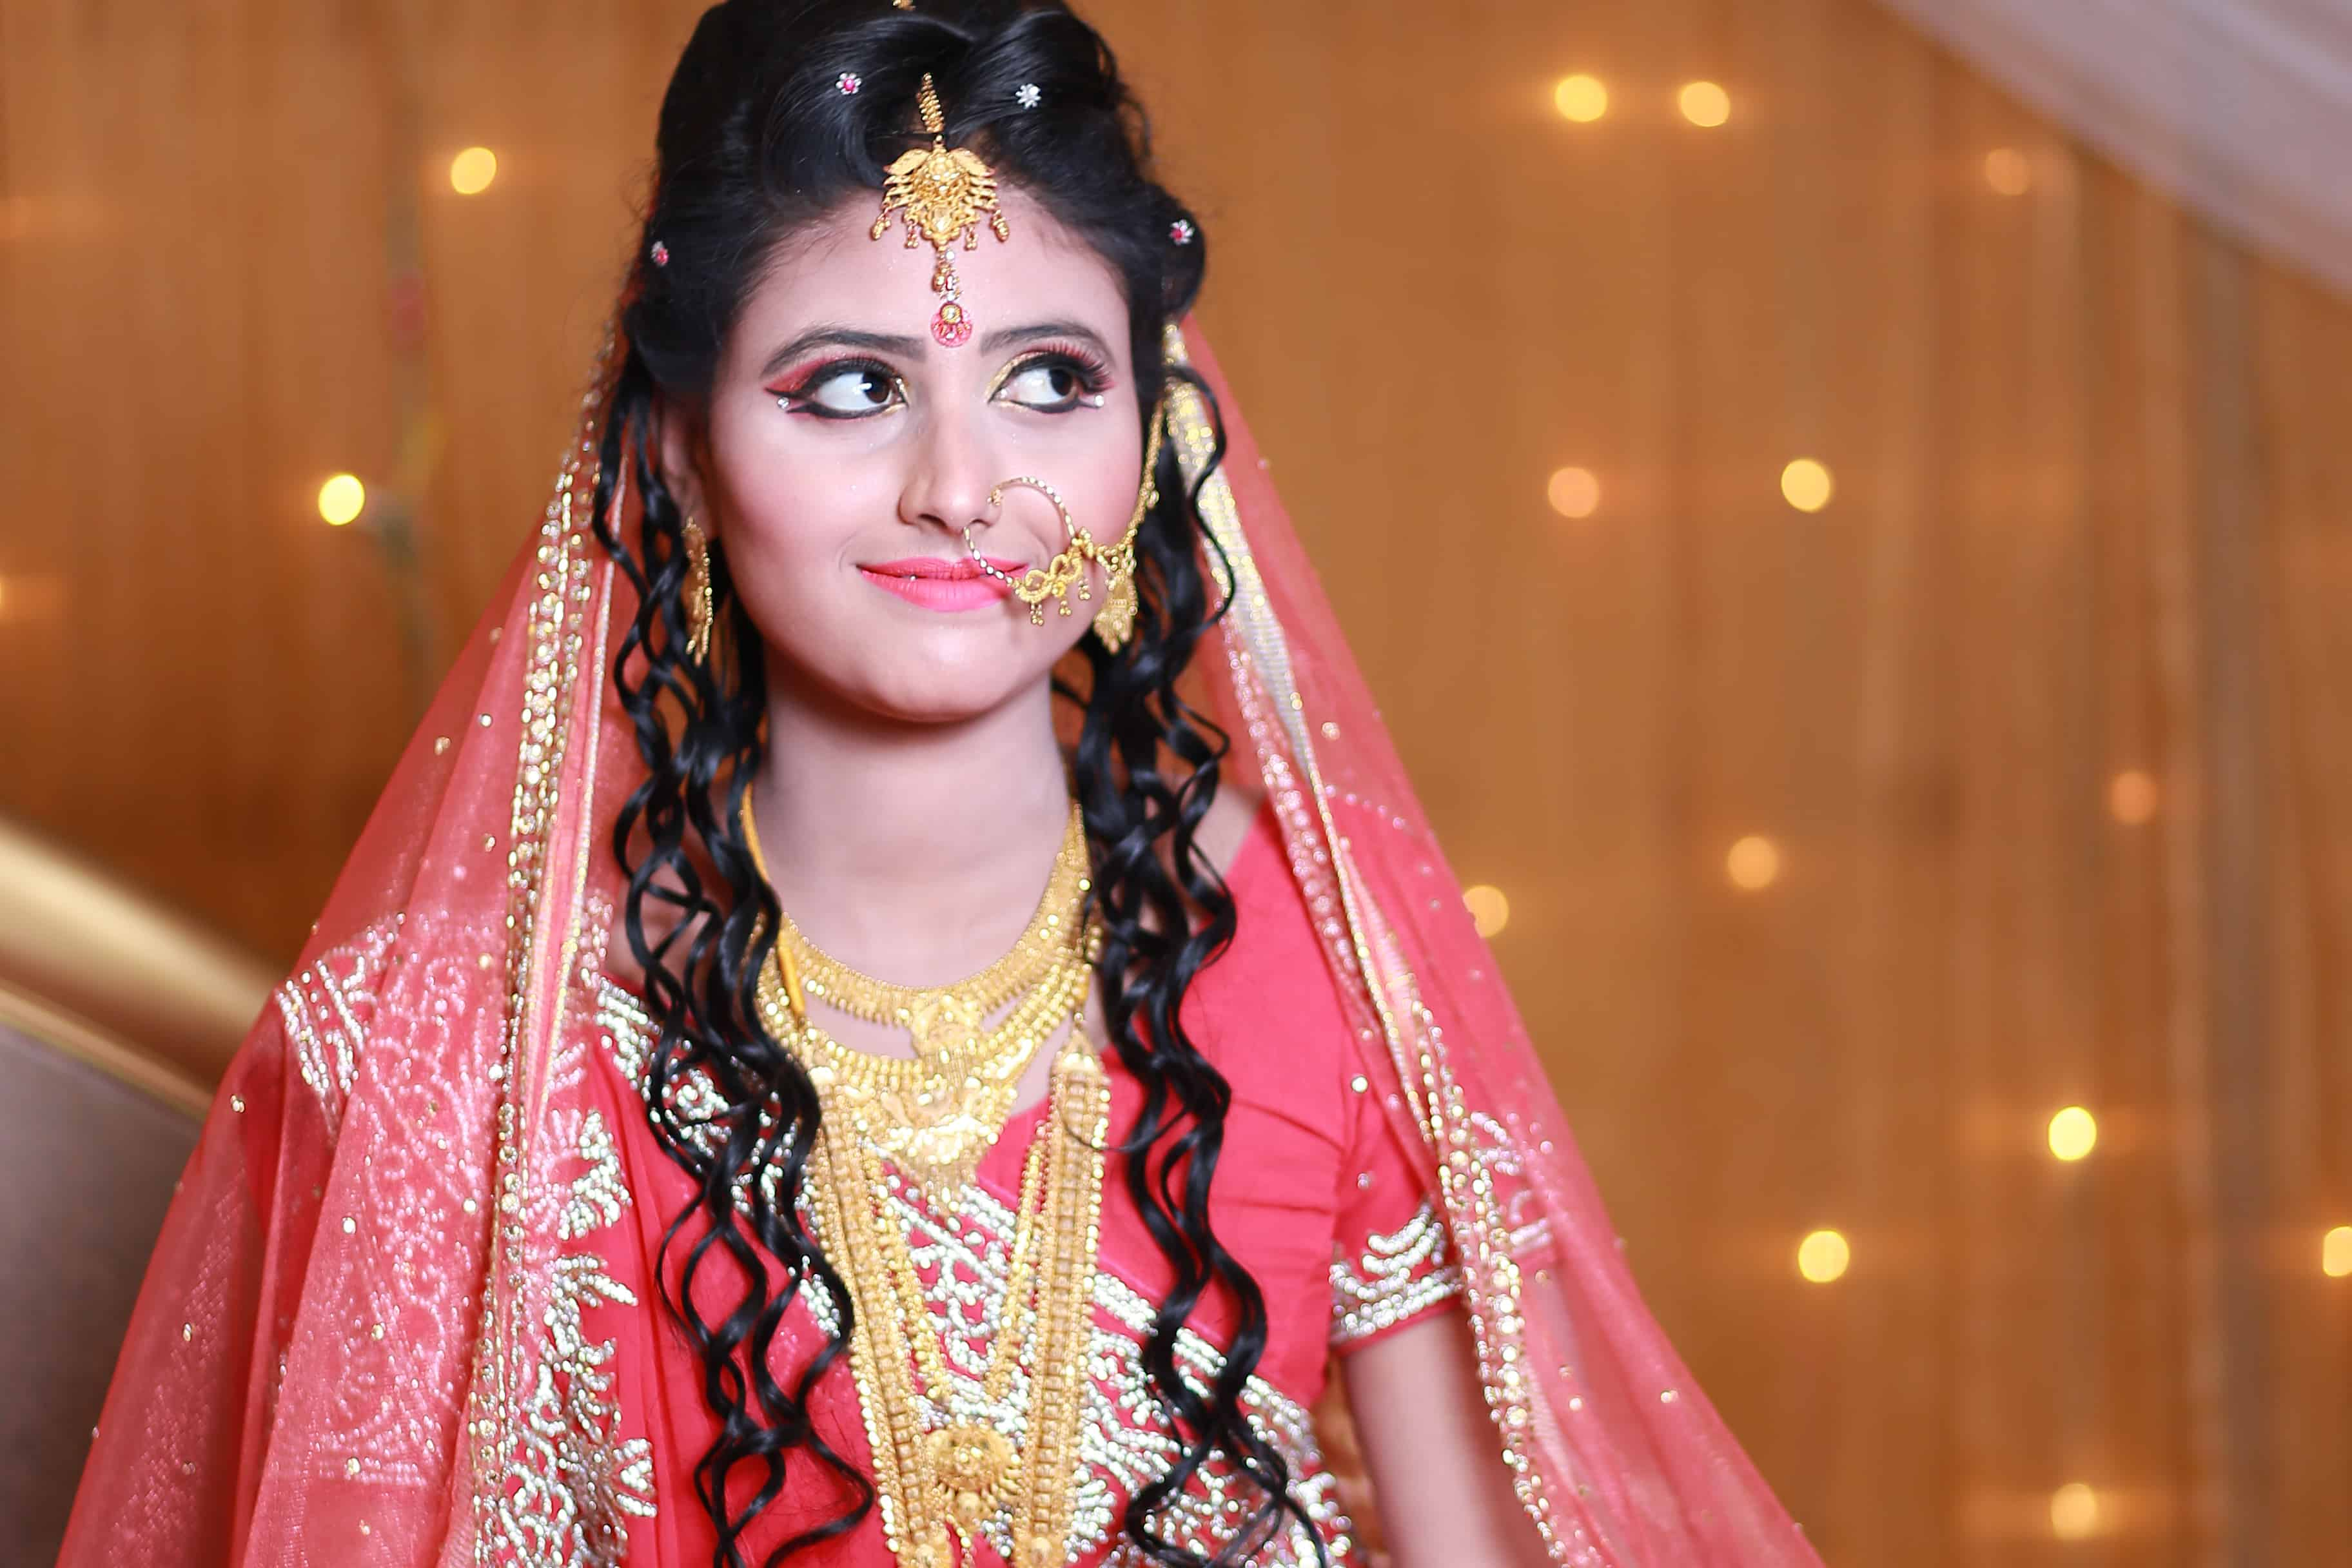 Sari indiano storia del tradizionale vestito indiano e for Vestito tradizionale giapponese femminile